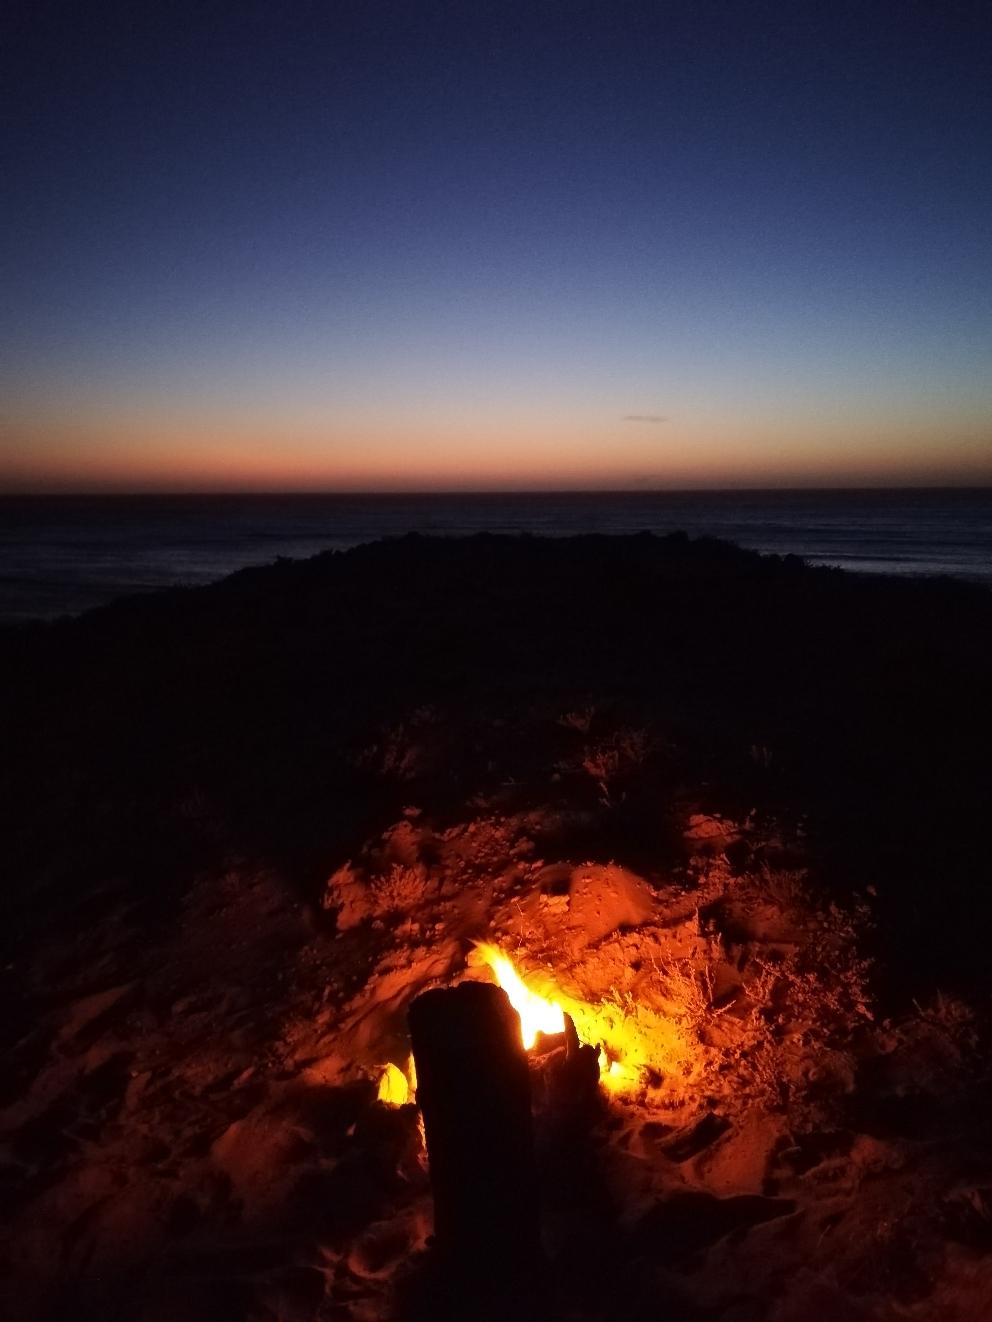 Unsere letzte Nacht in der West-Sahara